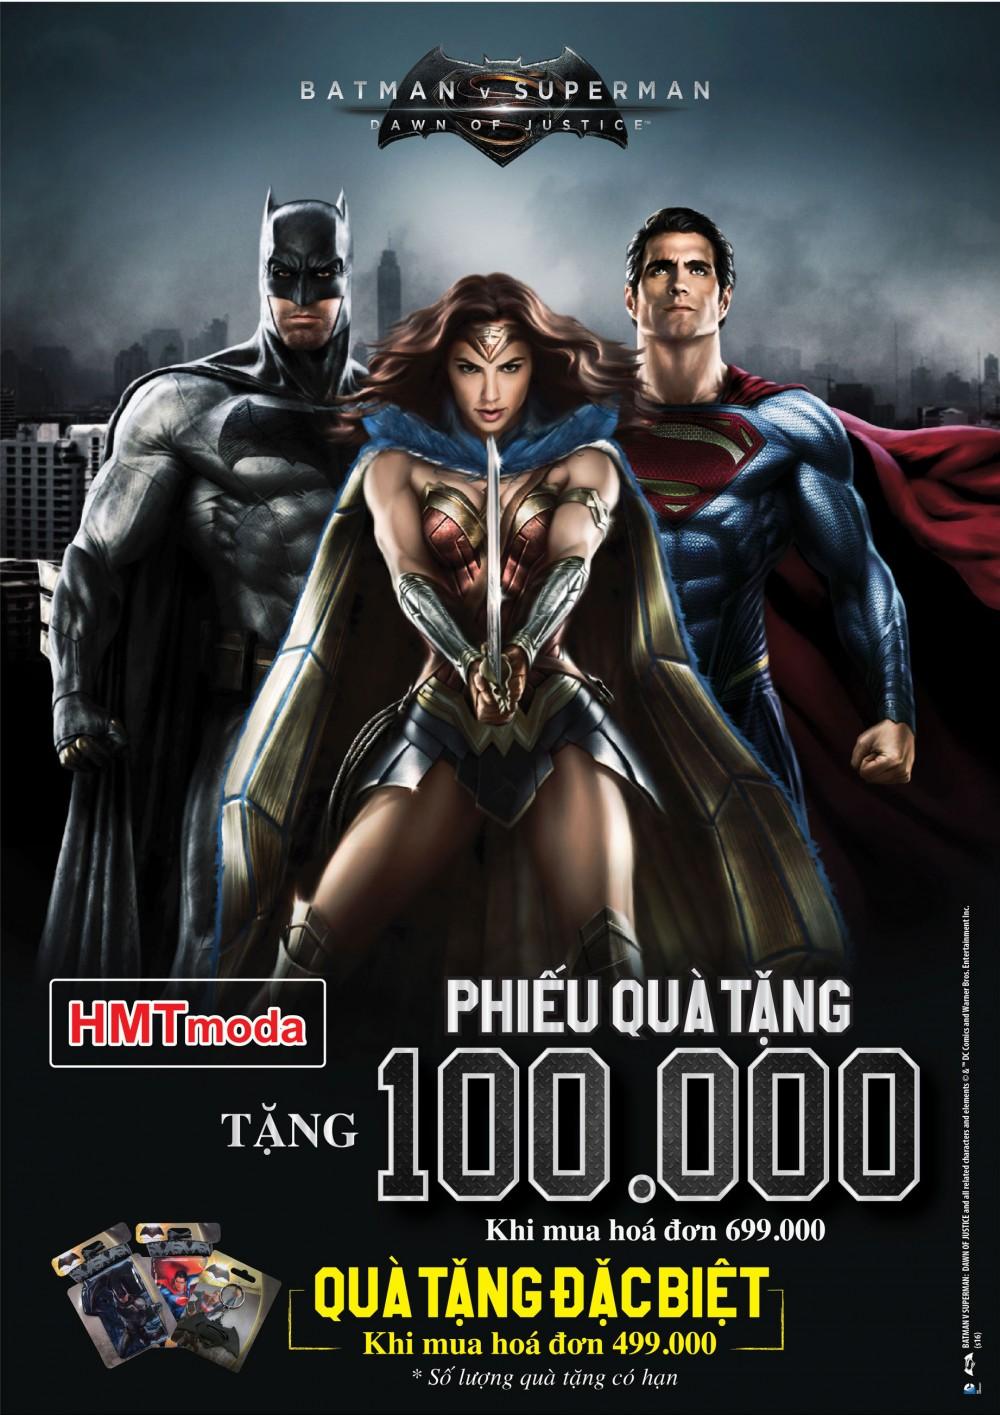 Ngày Hội Batman, Superman And Wonder Woman Giá Ưu Đãi Chỉ Có 159,000 đ, 169,000 đ...